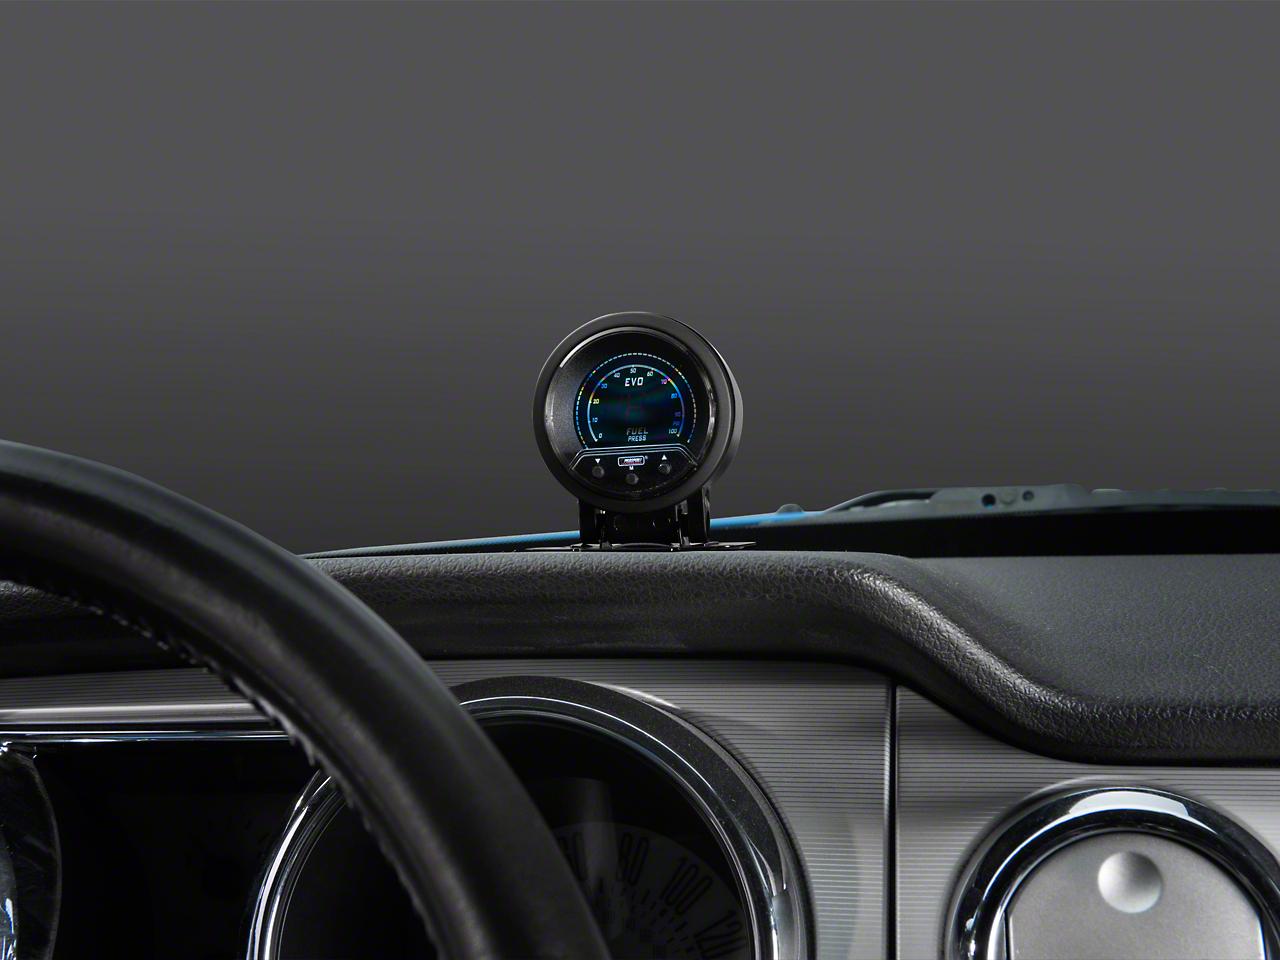 Prosport Premium Evo Fuel Pressure Gauge (79-18 All)